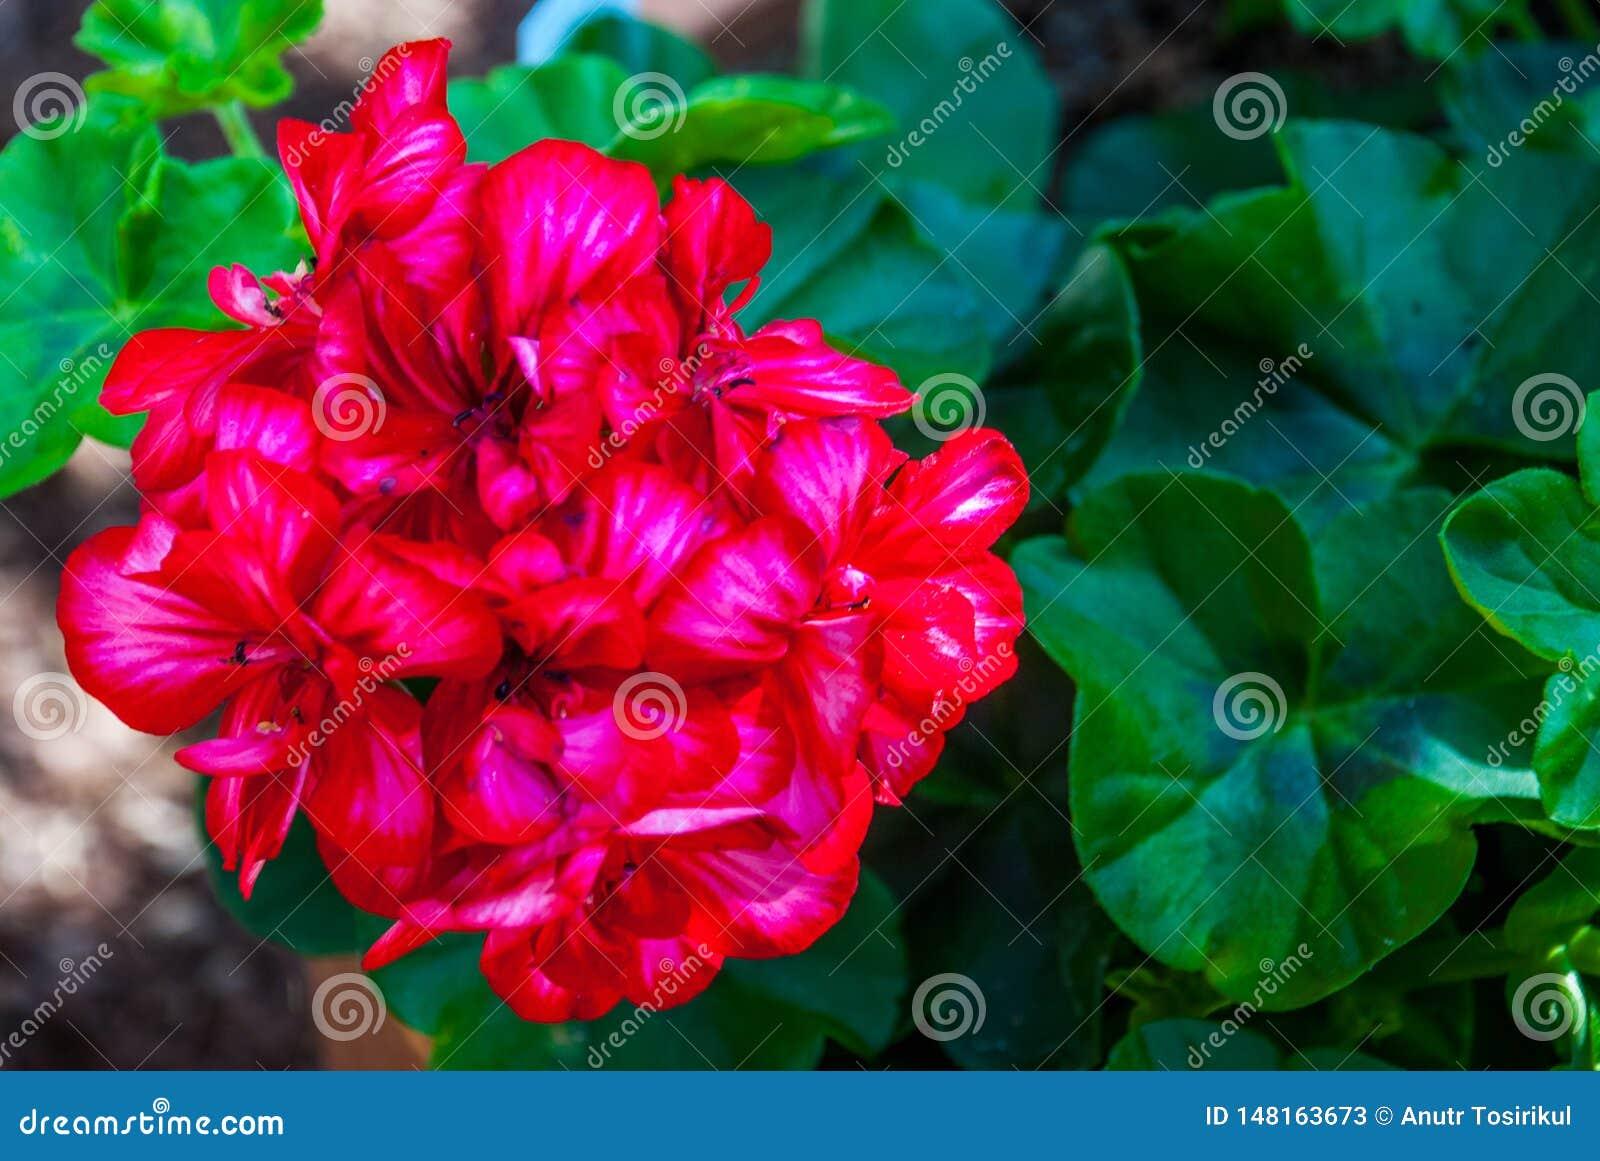 Salmon red pelargonium flowers closeup. or Pelargonium zonale